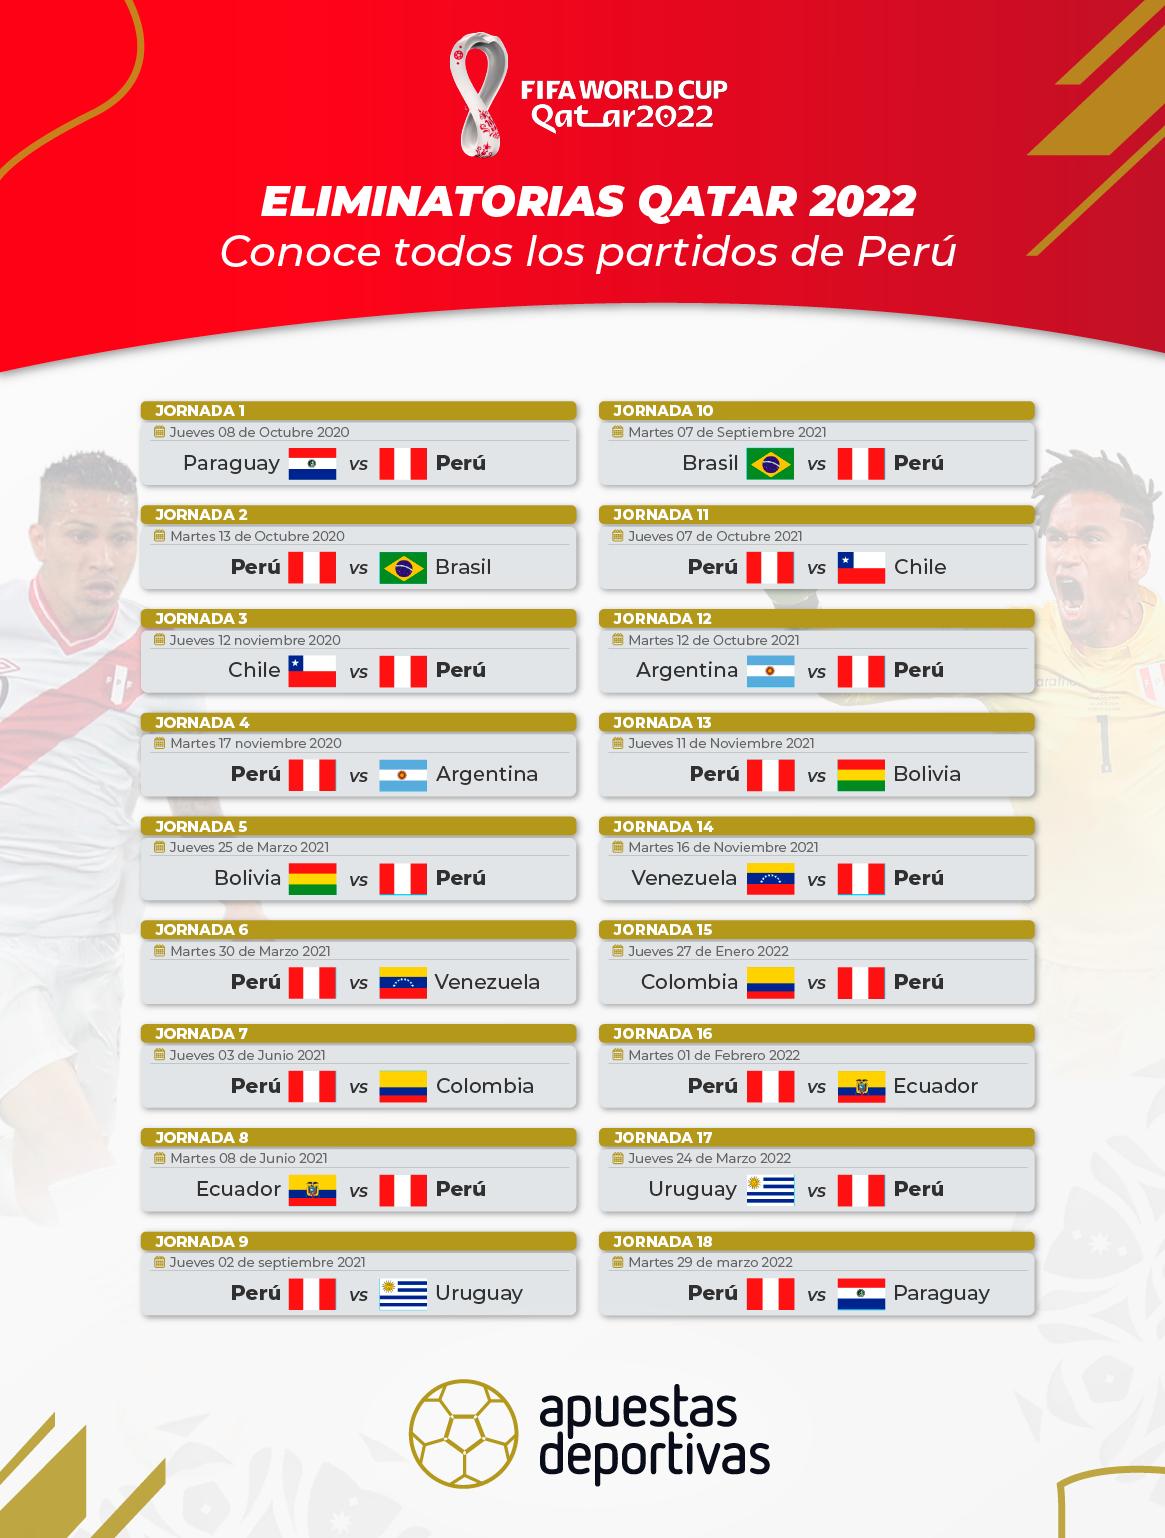 Fixture partidos de Perú > Descárgatelo y tenlo guardado en donde quieras ¡Vamos Perú!